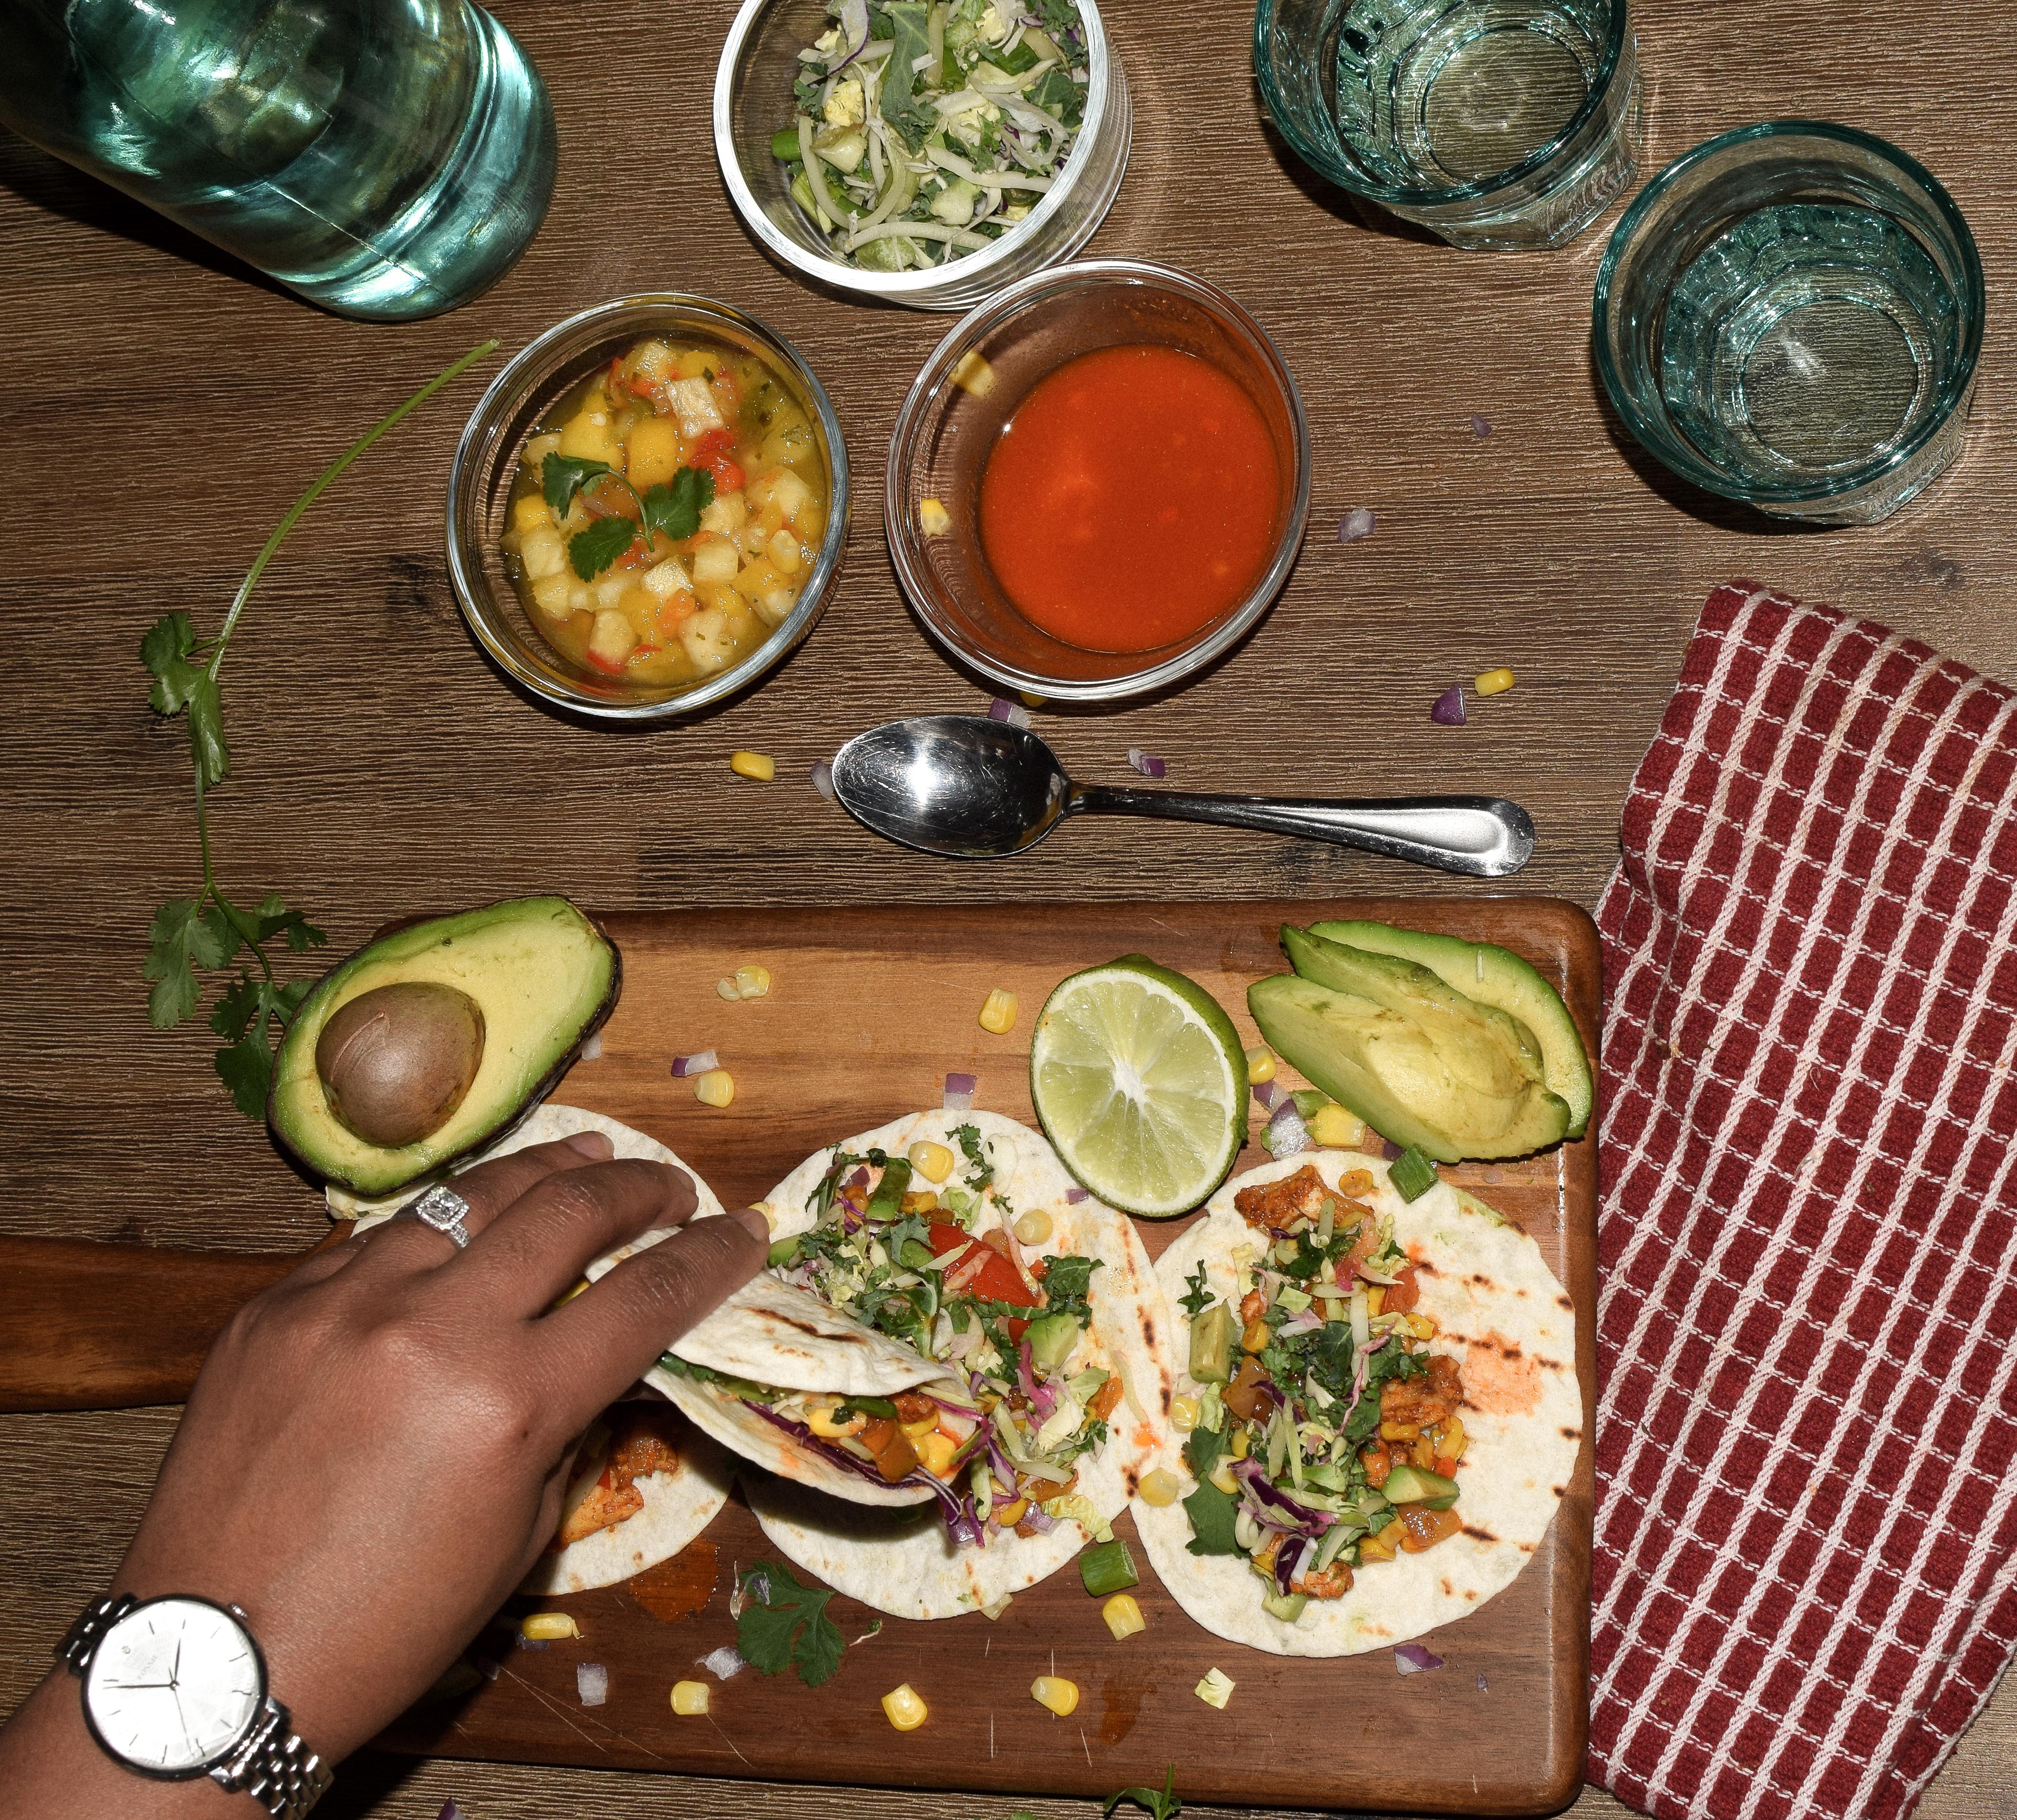 Shrimp/Fish Tacos